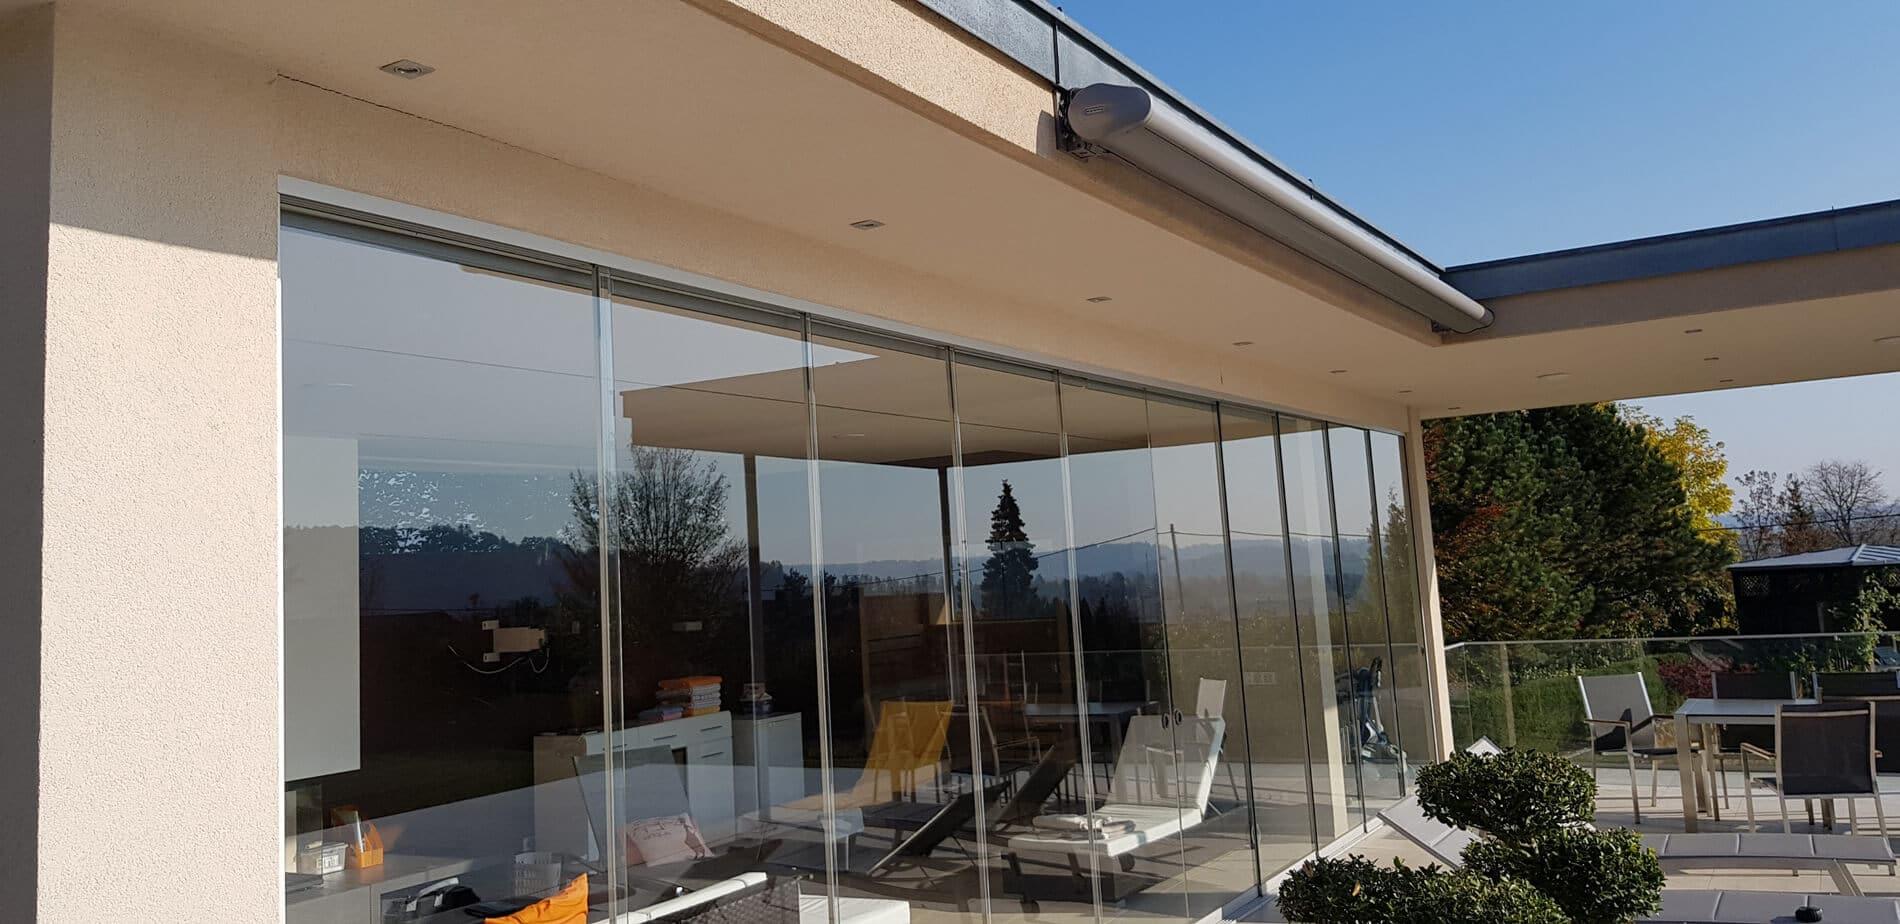 Terrasse Schiebetüren Systeme barrierefrei